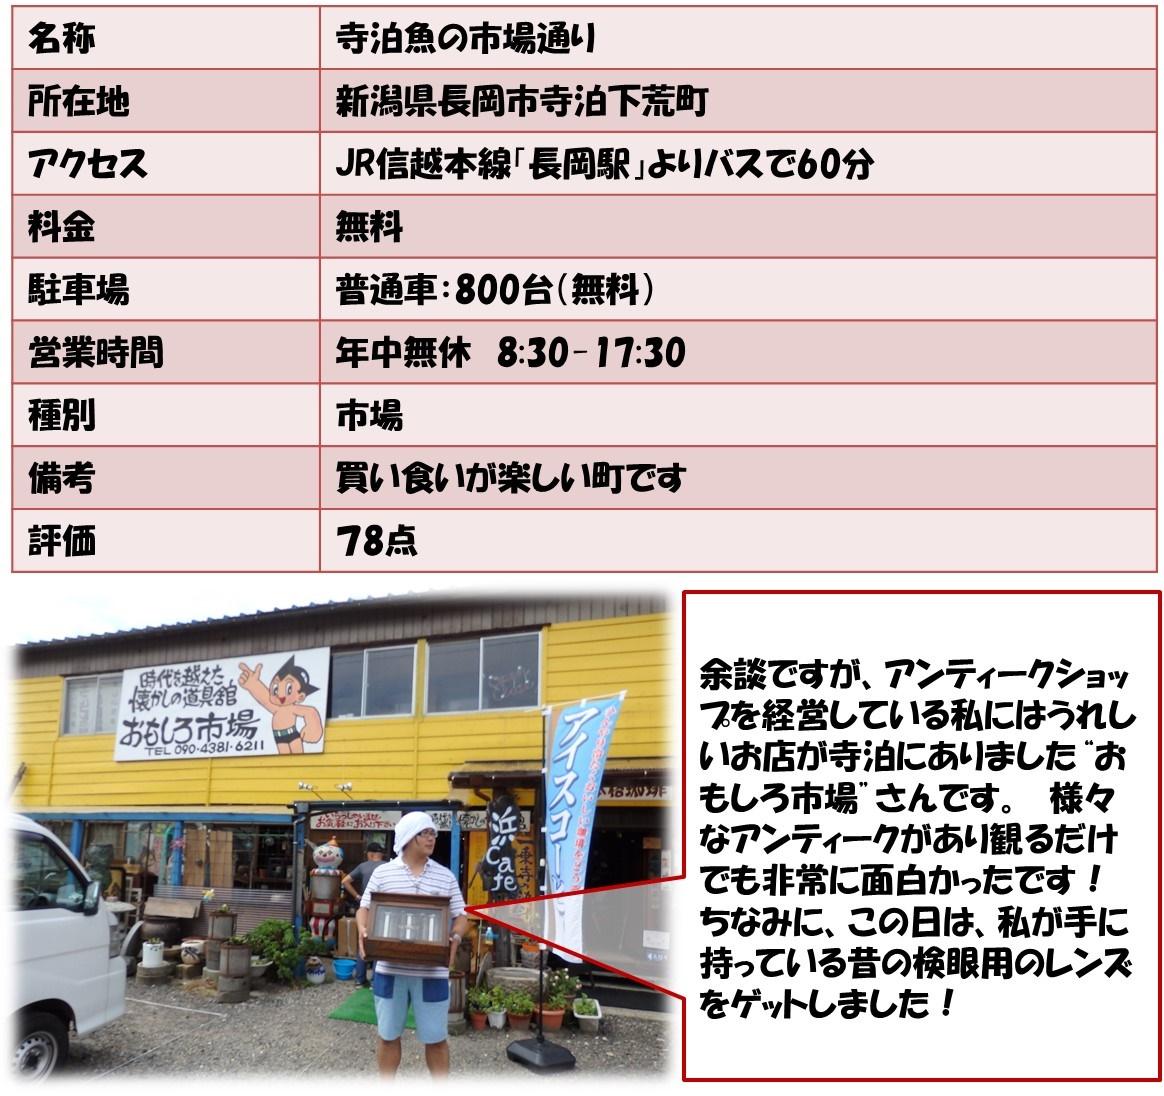 """名称寺泊魚の市場通り 所在地新潟県長岡市寺泊下荒町 アクセスJR信越本線「長岡駅」よりバスで60分 料金無料 駐車場普通車:800台(無料) 営業時間年中無休 8:30-17:30 種別市場 備考買い食いが楽しい町です 評価78点 余談ですが、アンティークショップを経営している私にはうれしいお店が寺泊にありました""""おもしろ市場""""さんです。 様々なアンティークがあり観るだけでも非常に面白かったです!ちなみに、この日は、私が手に持っている昔の検眼用のレンズをゲットしました!"""